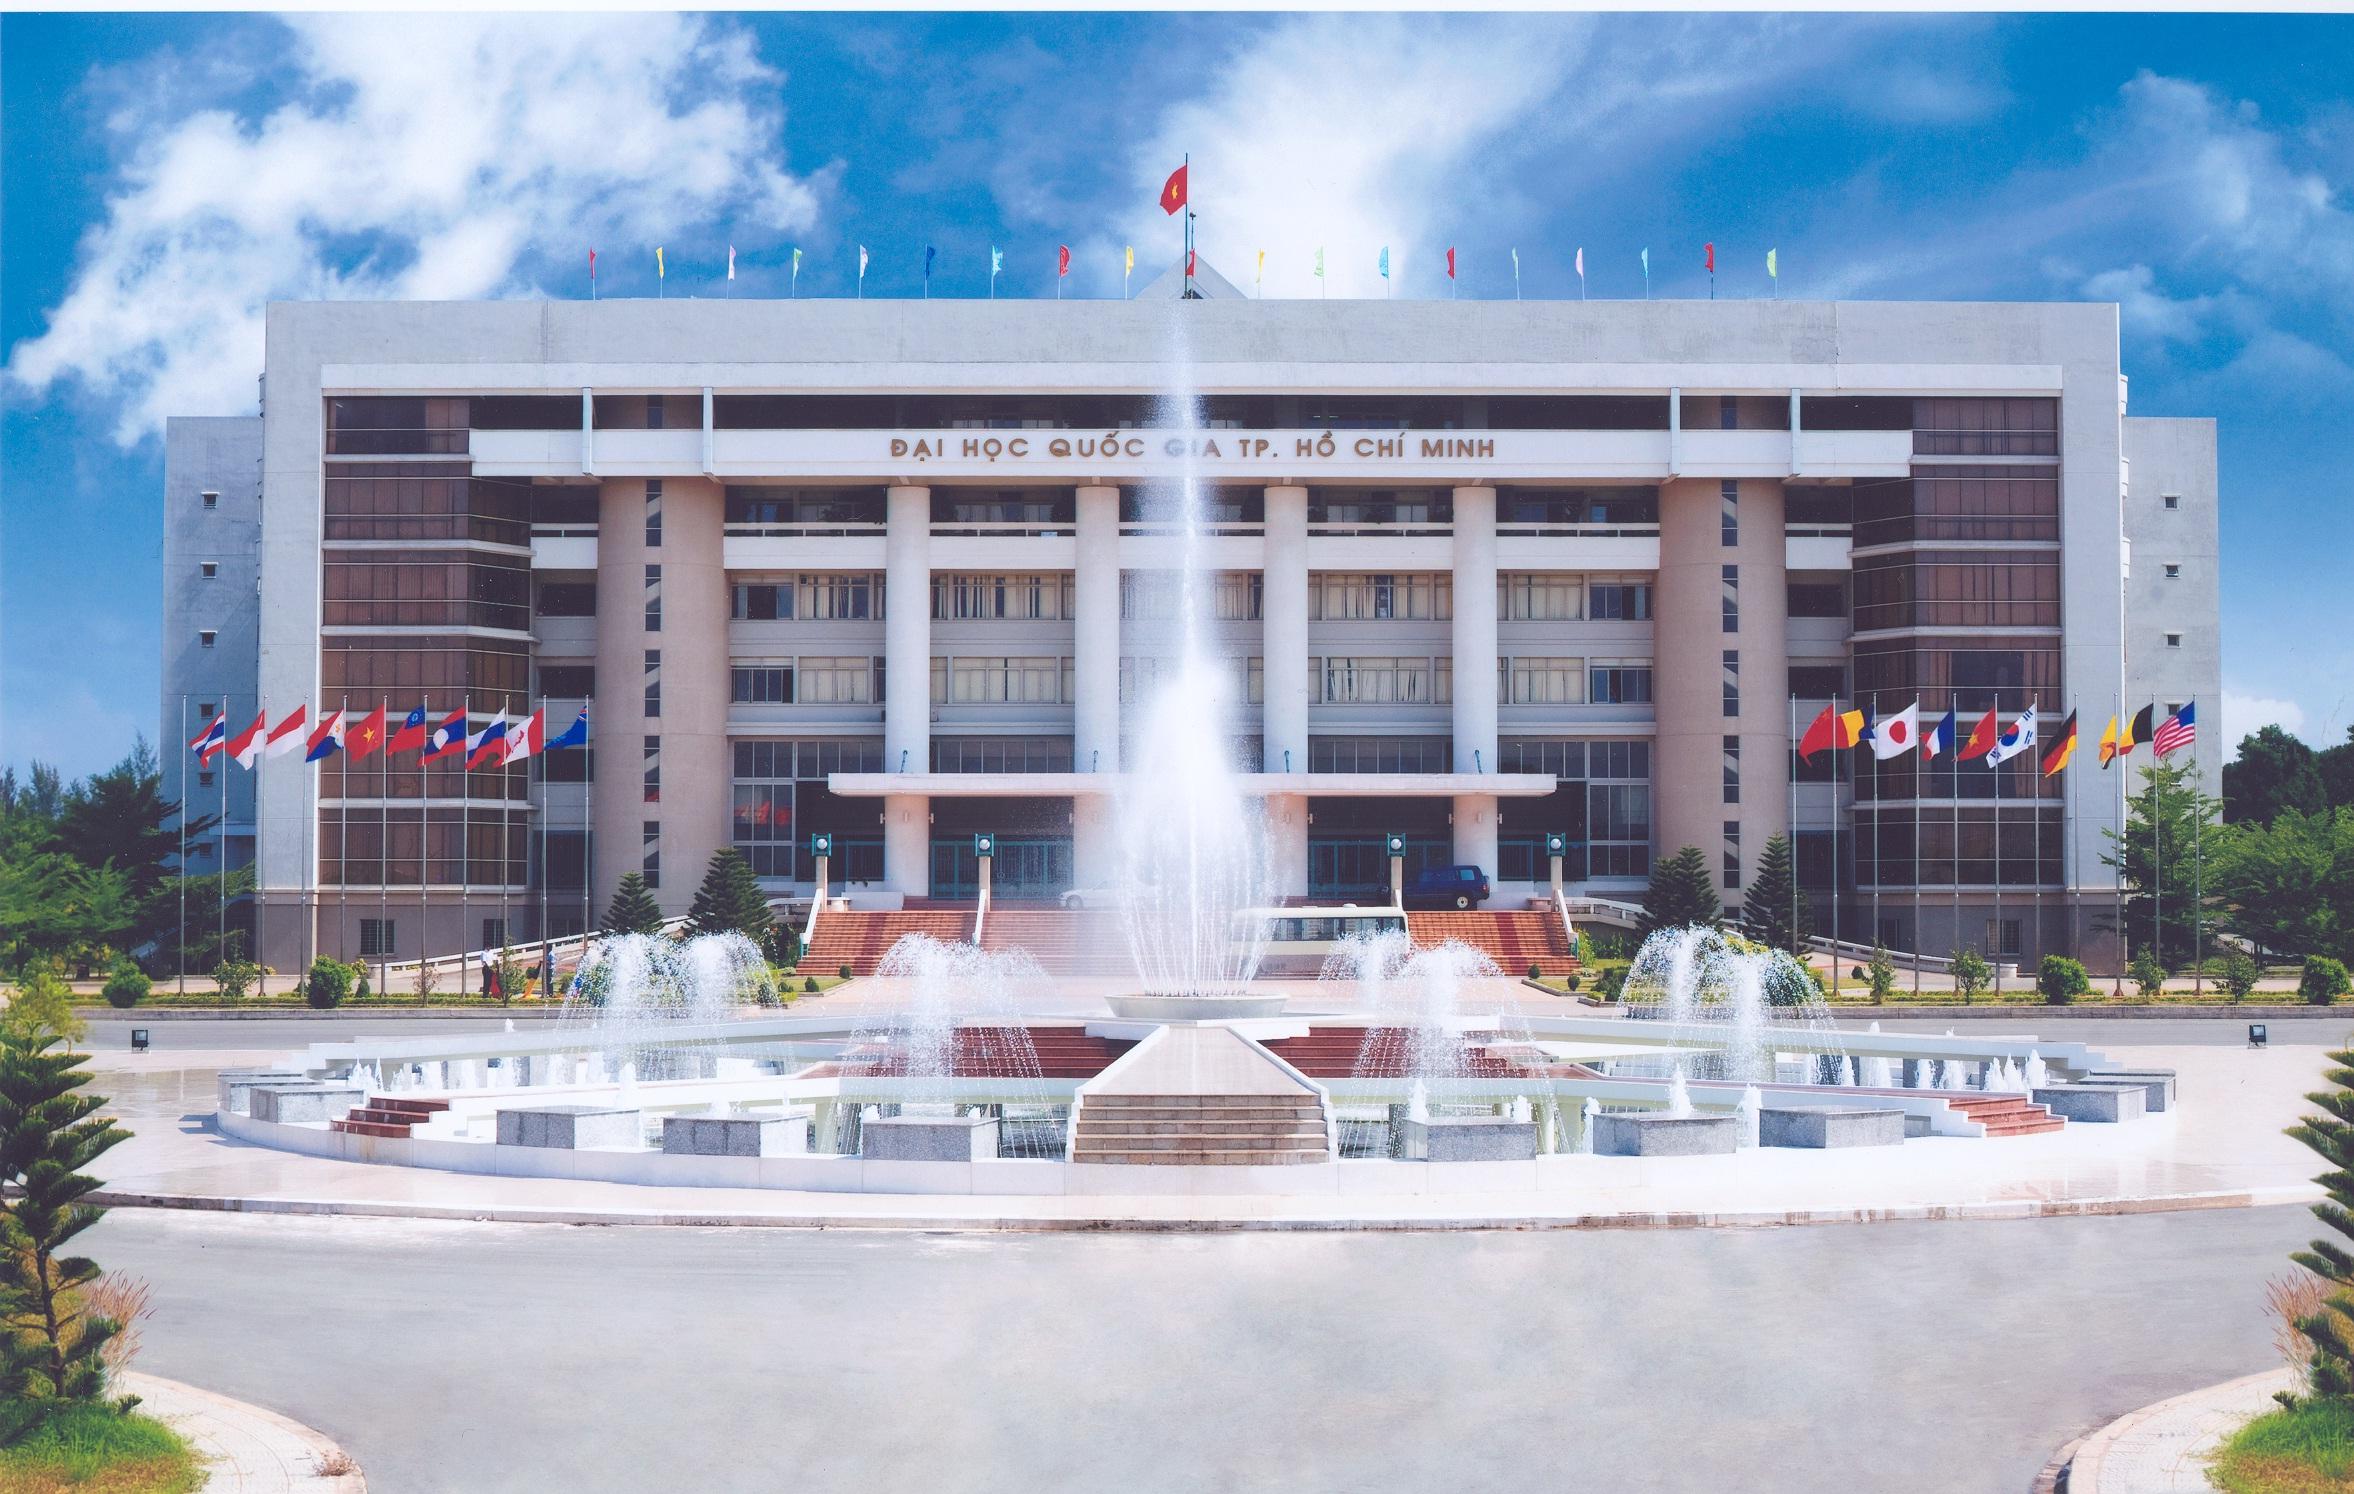 Trình tự đề nghị Thủ tướng Chính phủ quyết định thành lập trường đại học